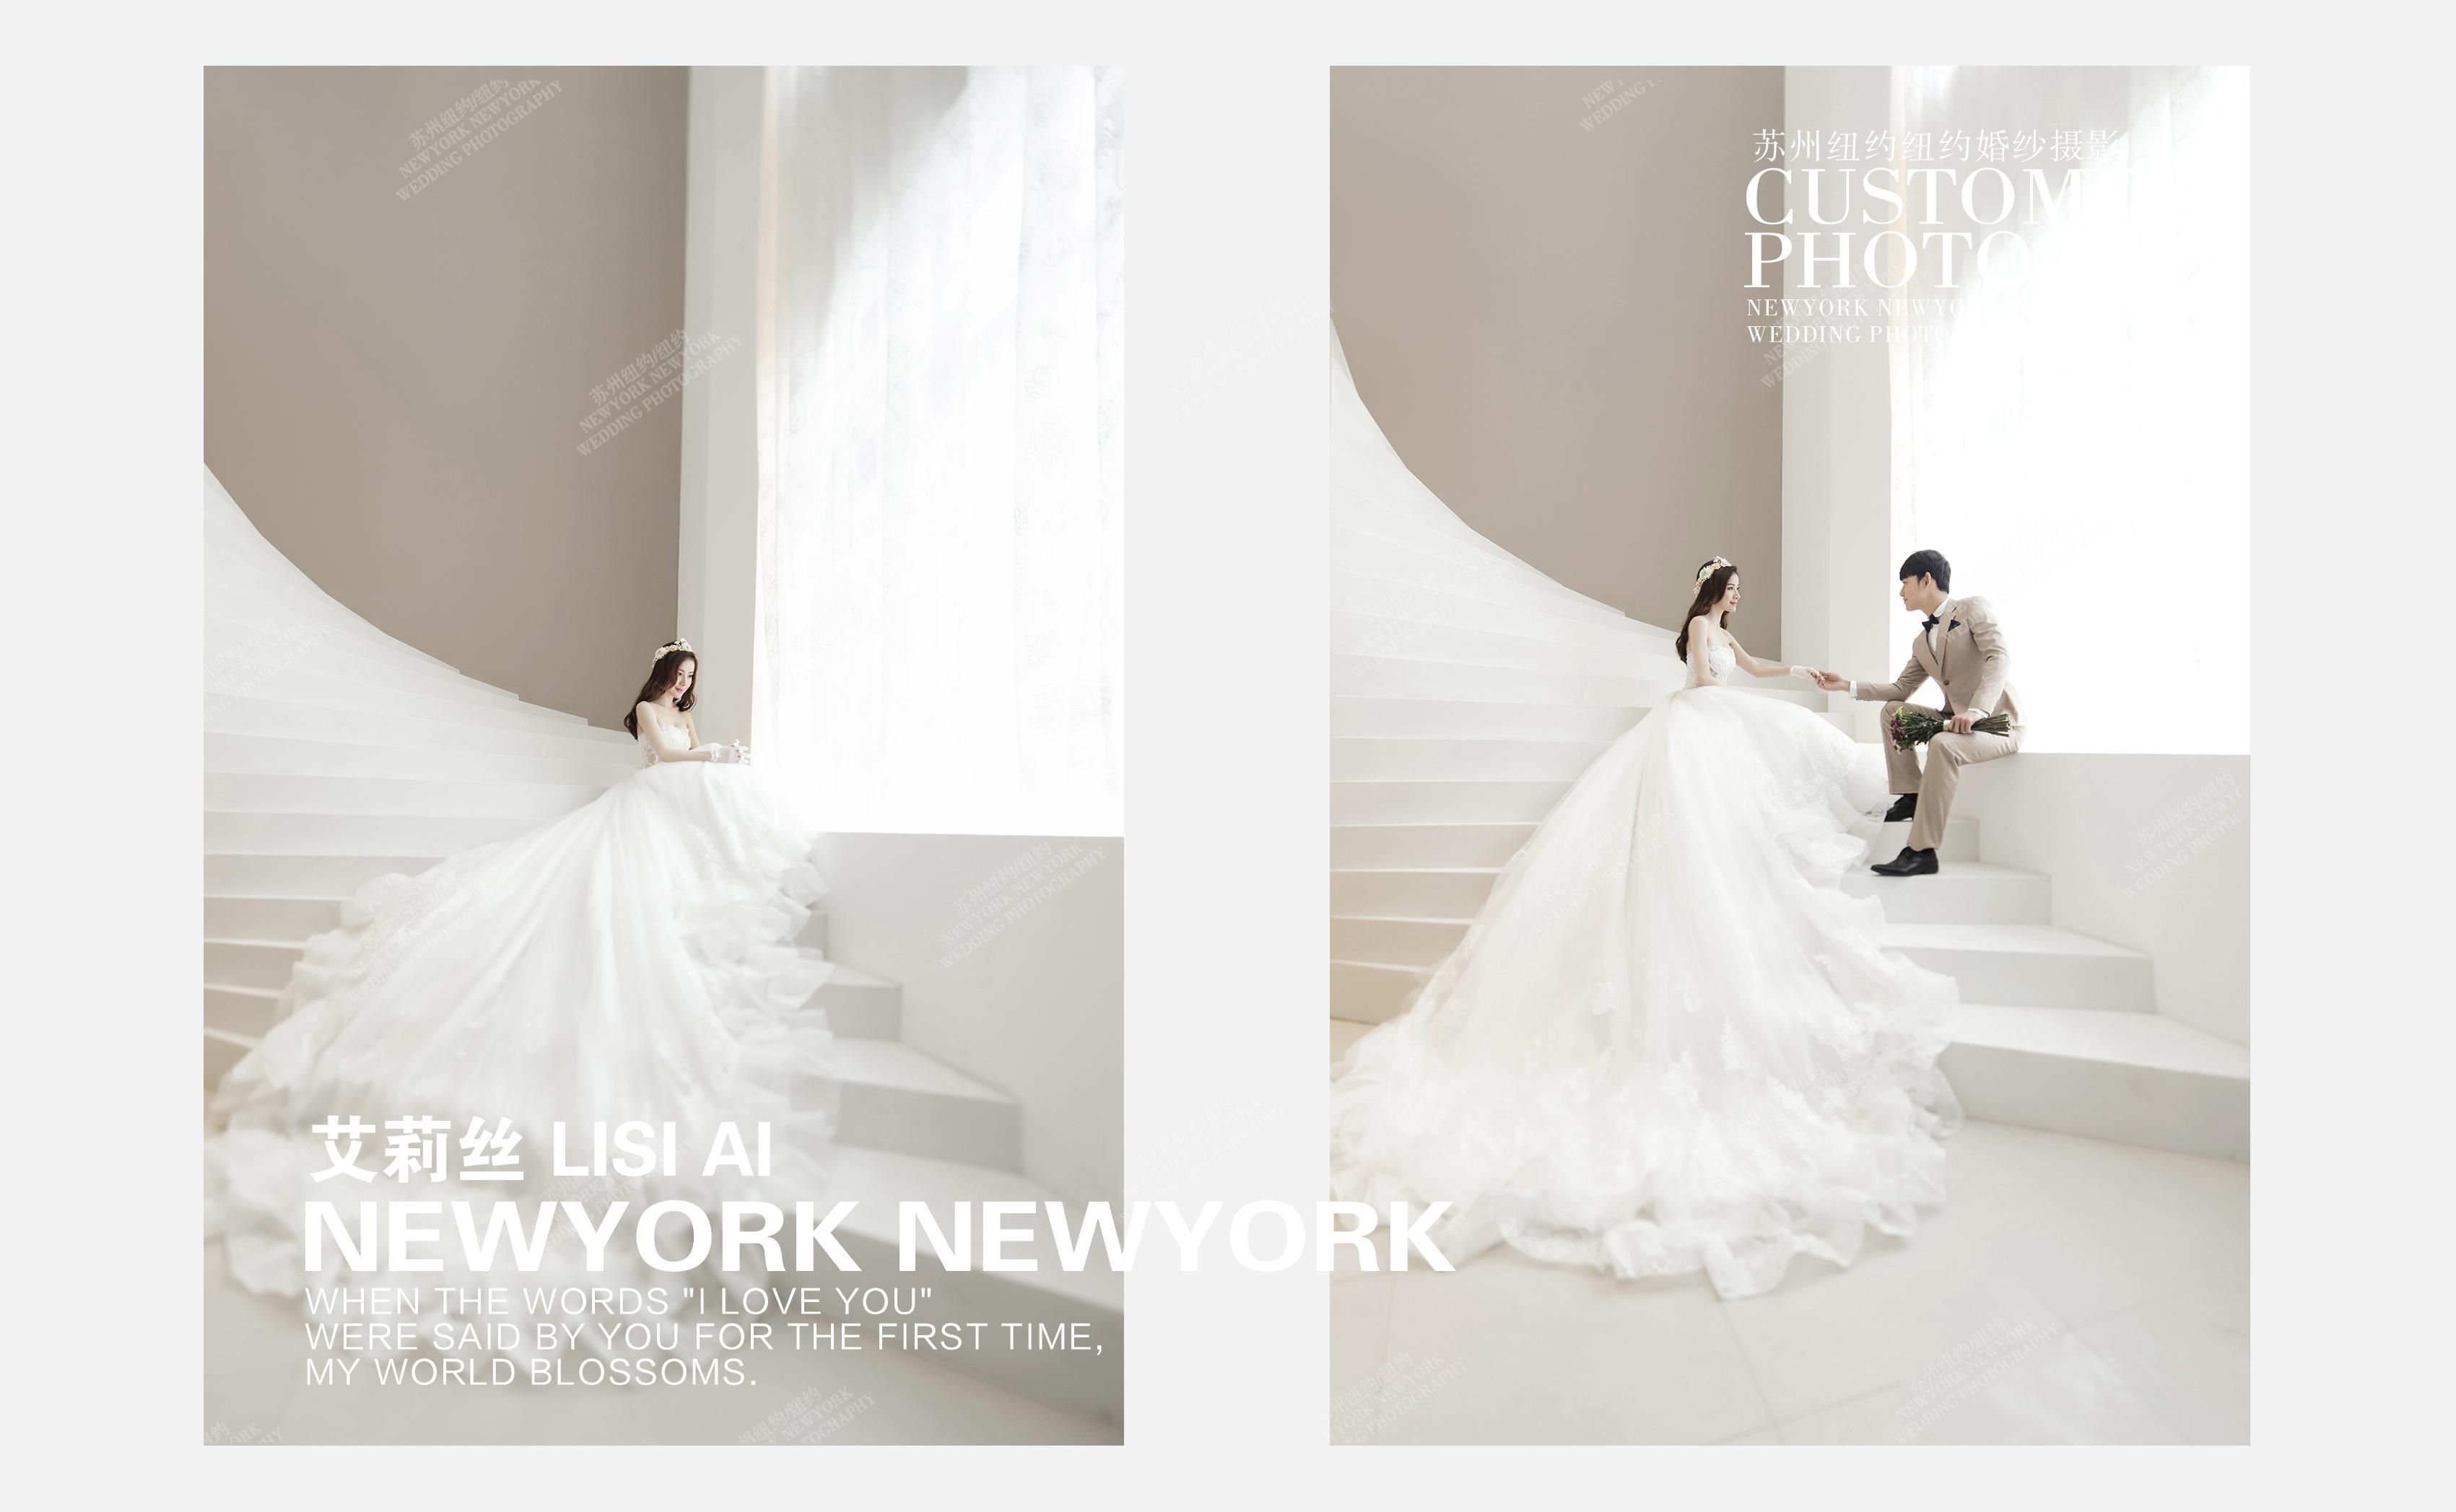 艾莉丝婚纱摄影照